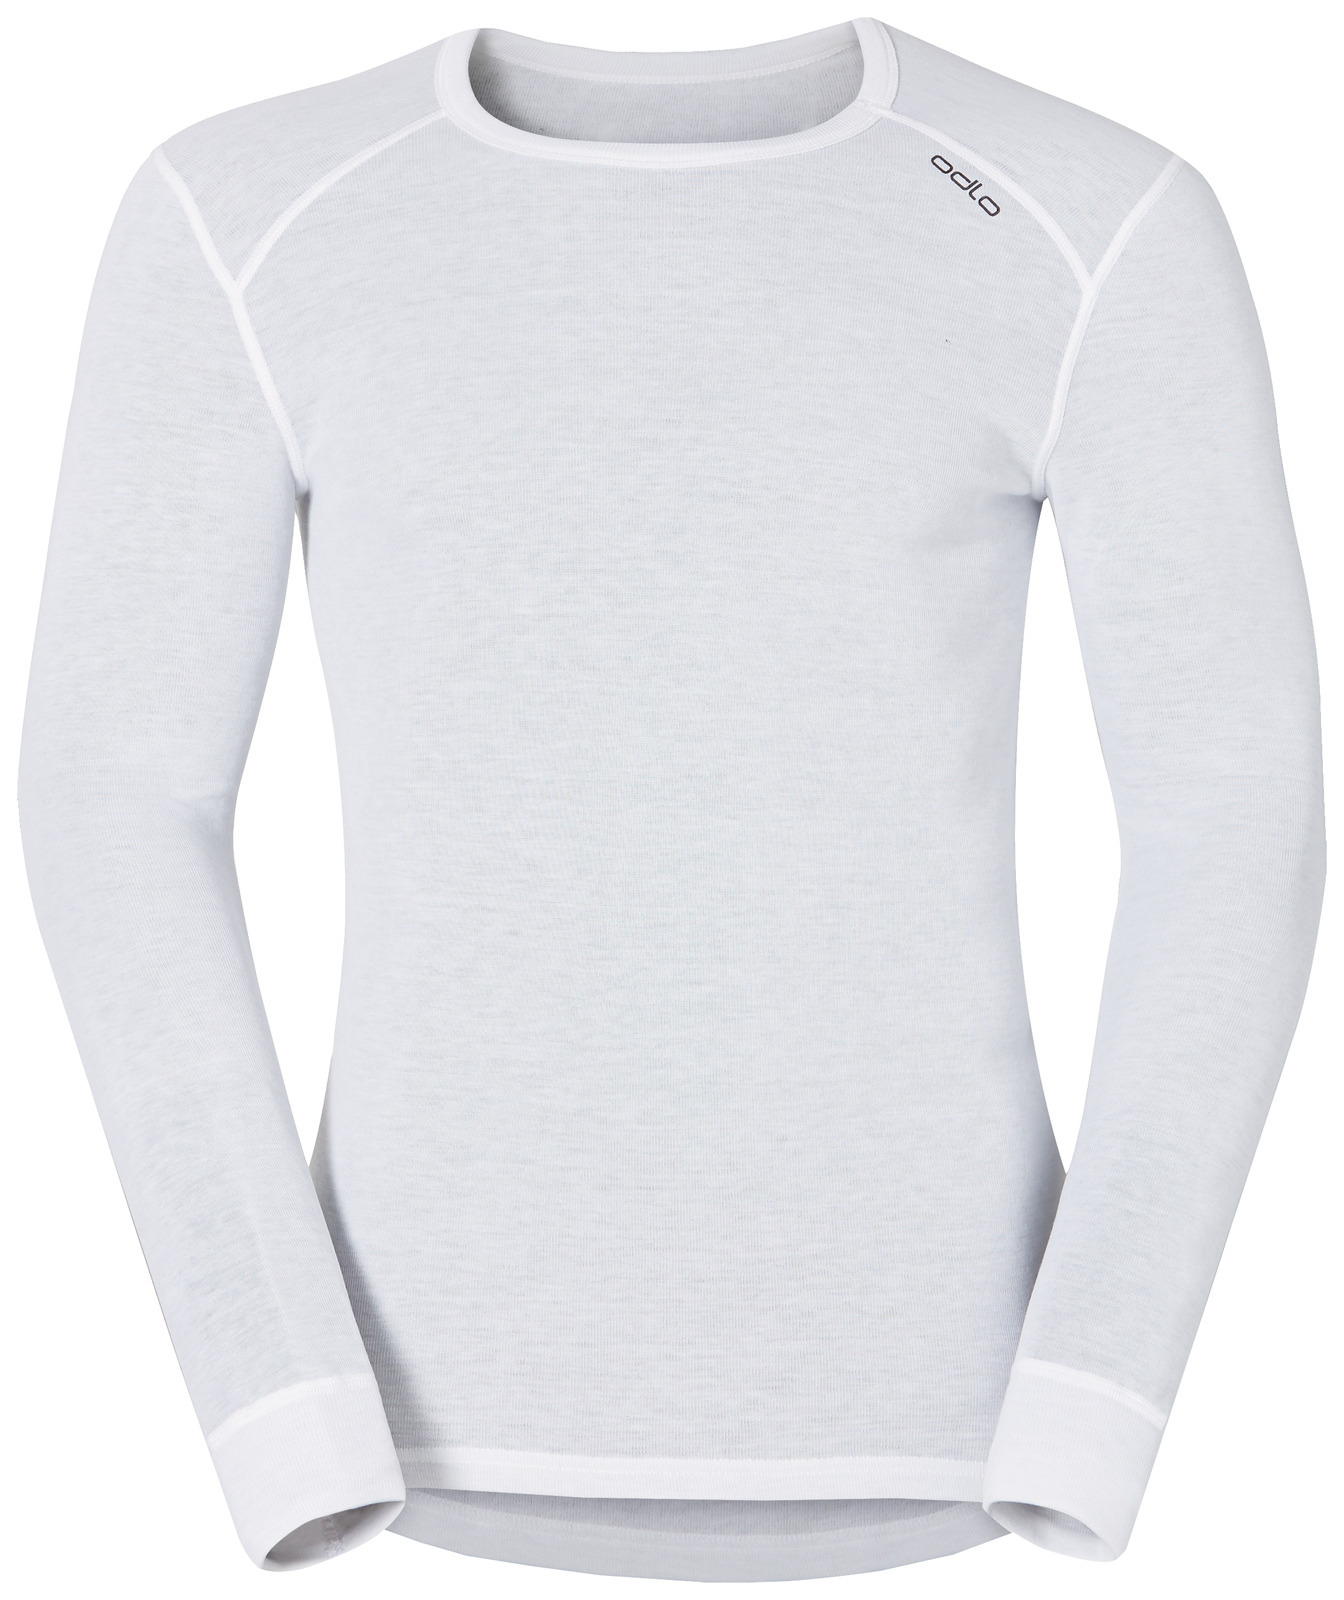 ODLO Crew Neck Warm Longsleeve functioneel shirt heren